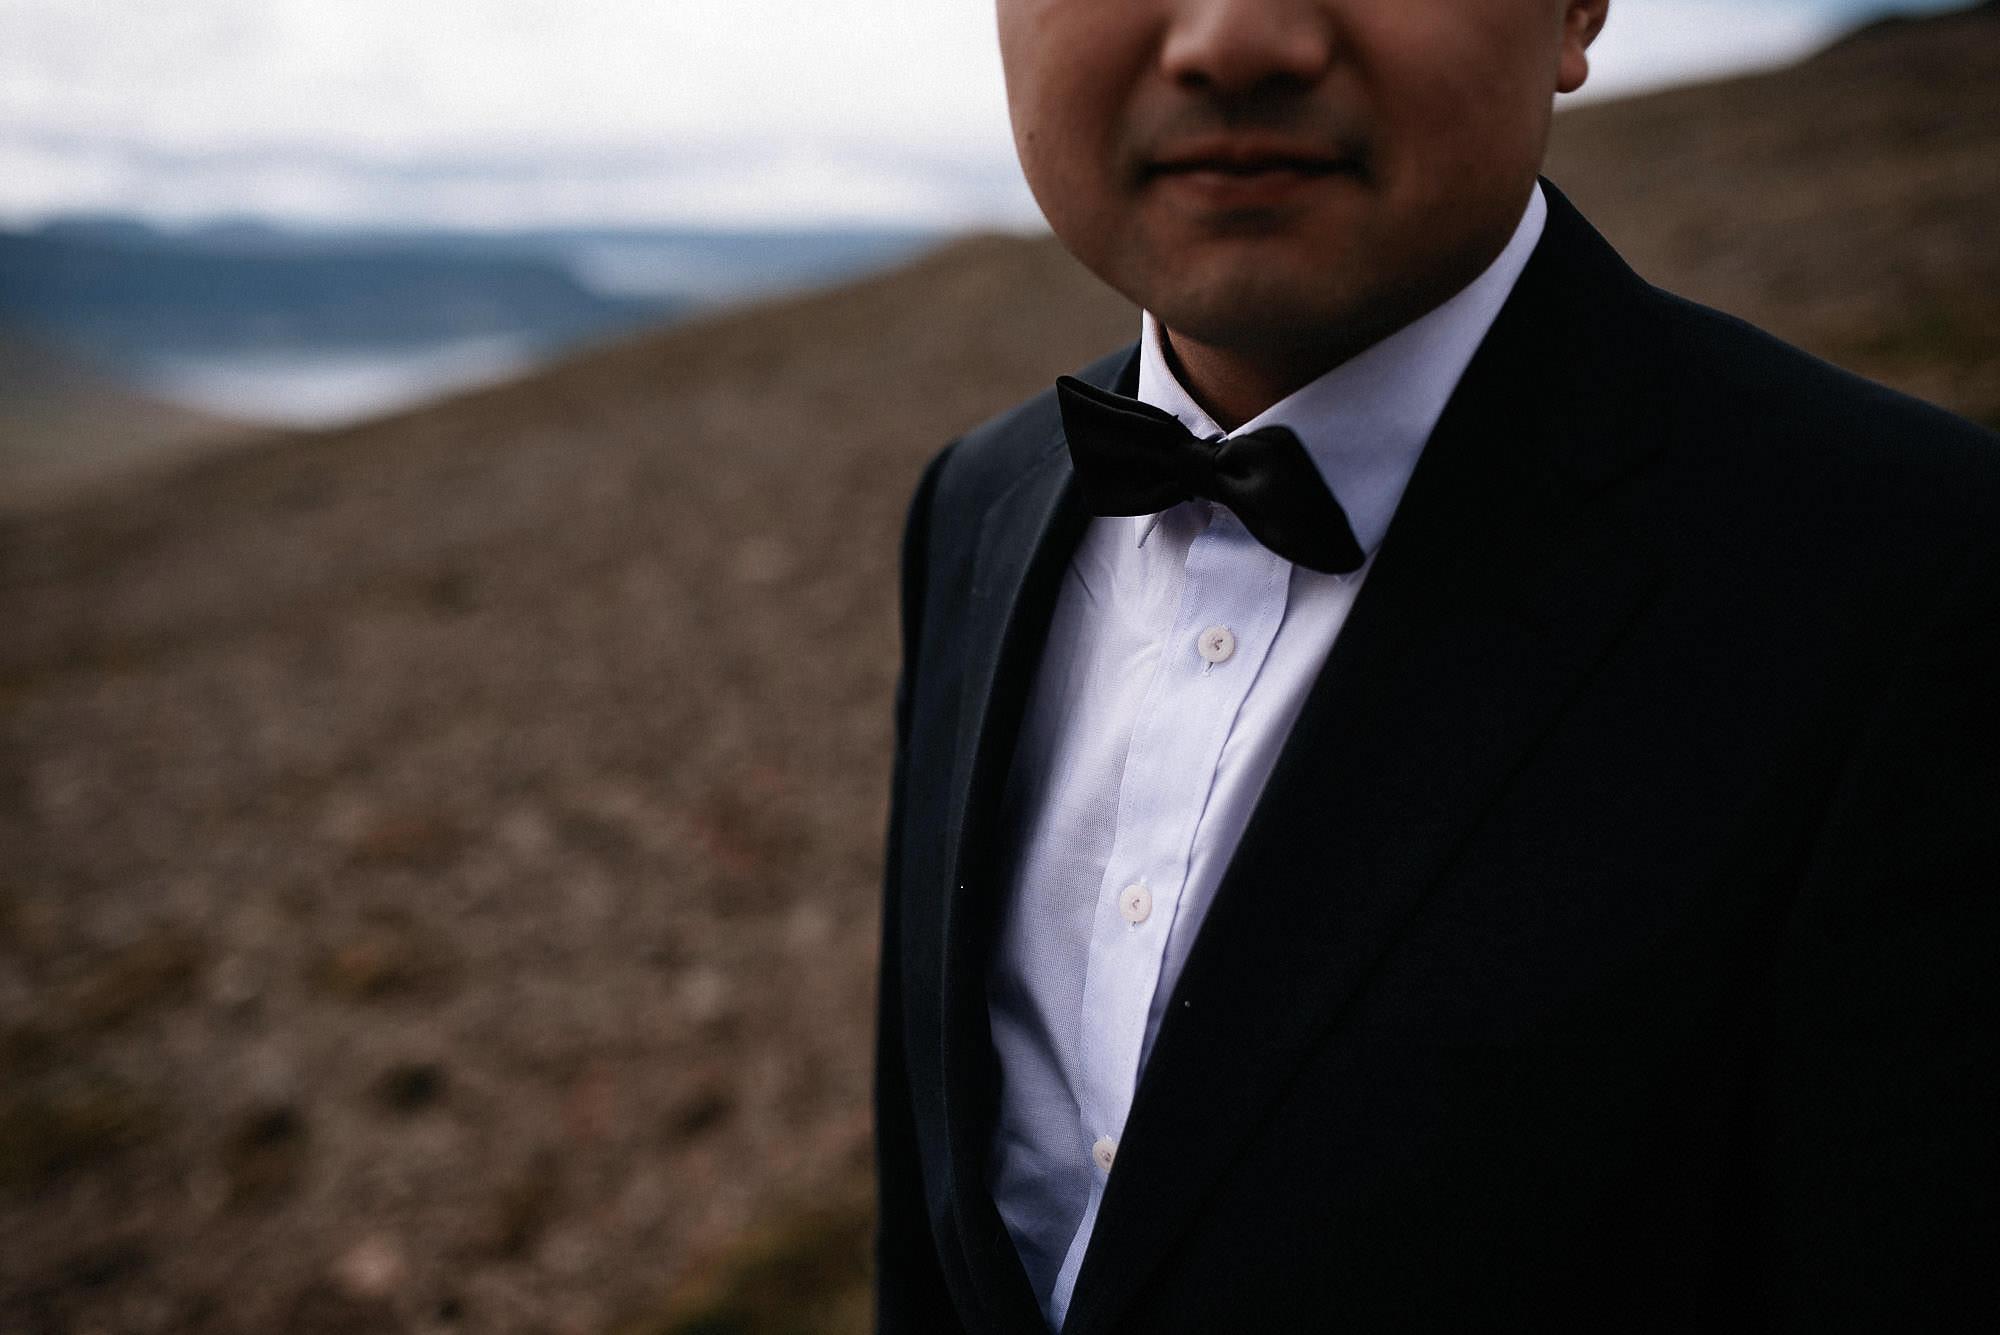 iceland-wedding-photographer_jere-satamo_photography-reykjavik-028.jpg